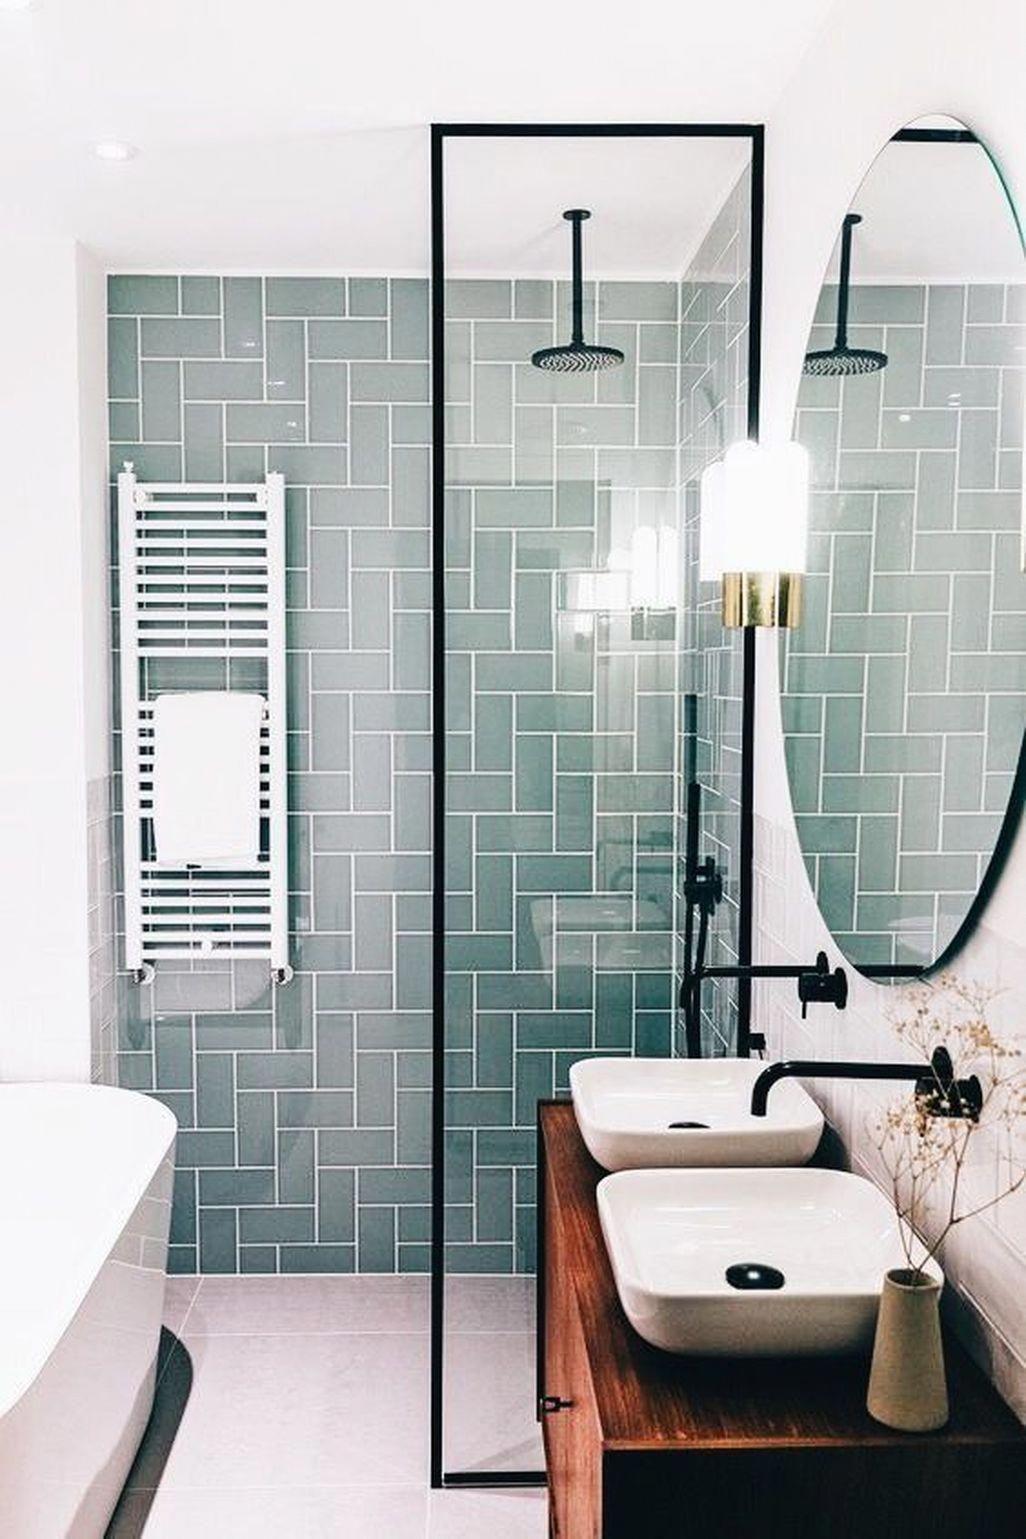 Cheap Garden Decor Saleprice 15 In 2020 Bathroom Design Small